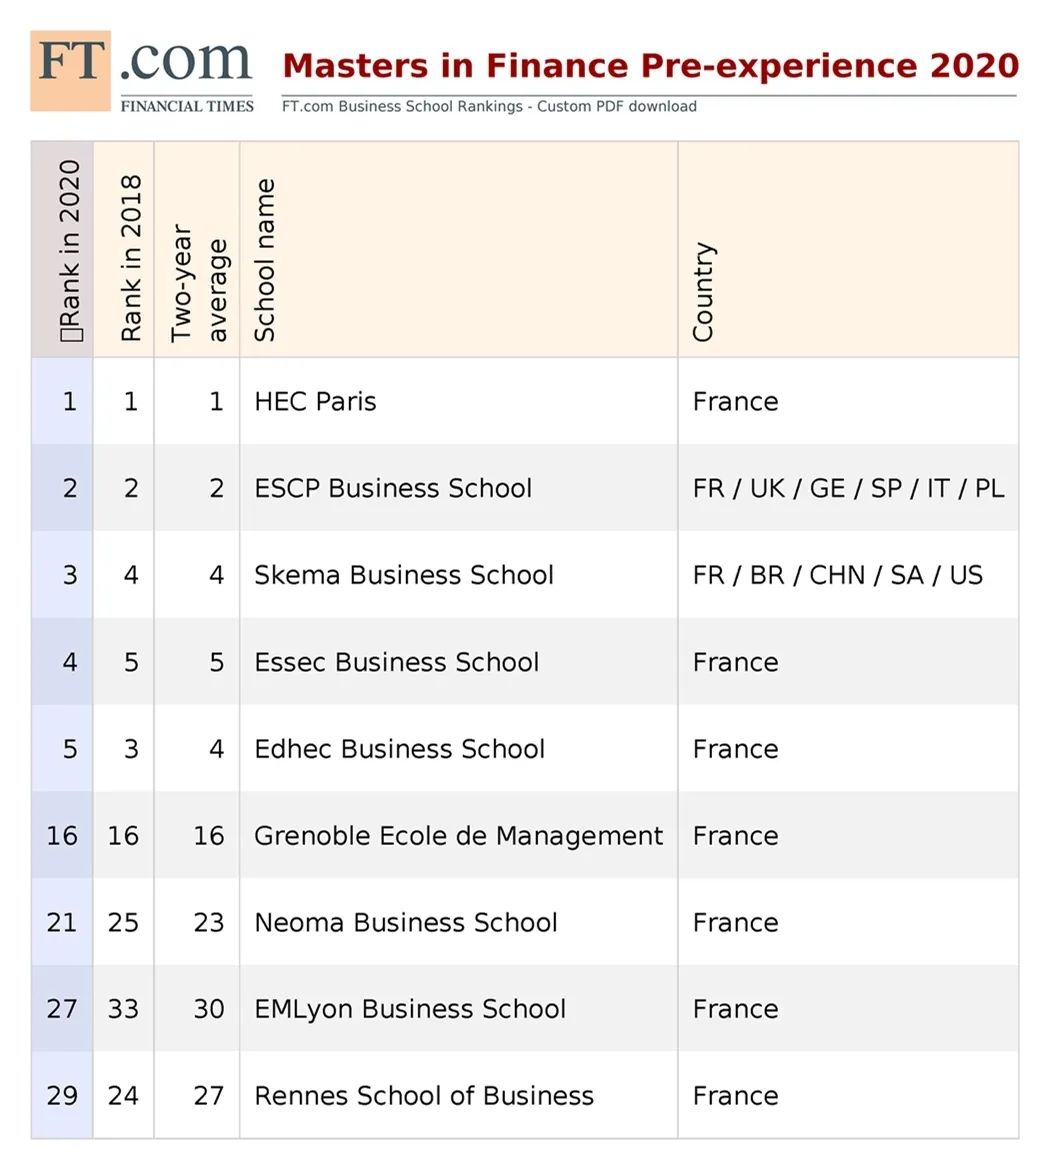 2020《金融时报》金融硕士排名发布,法国高商连续两年承包前五